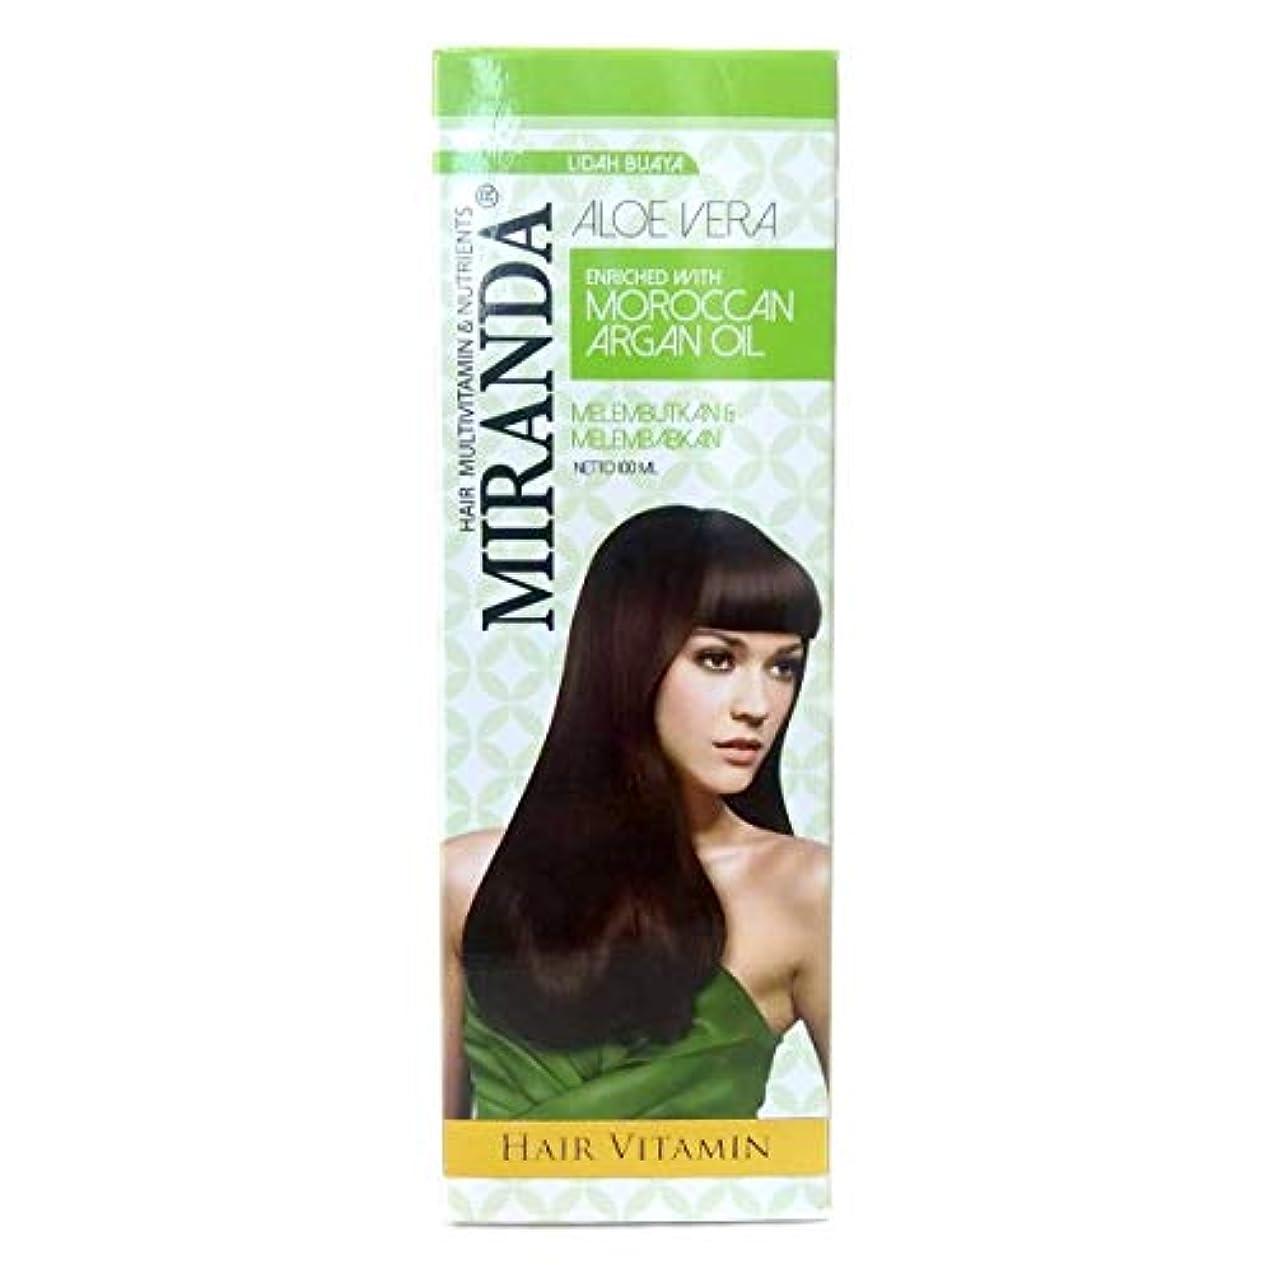 慣習登録前件MIRANDA ミランダ Hair Vitamin ヘアビタミン モロッカンアルガンオイル主成分の洗い流さないヘアトリートメント プッシュボトル 100ml Aloe vera アロエベラ [海外直送品]